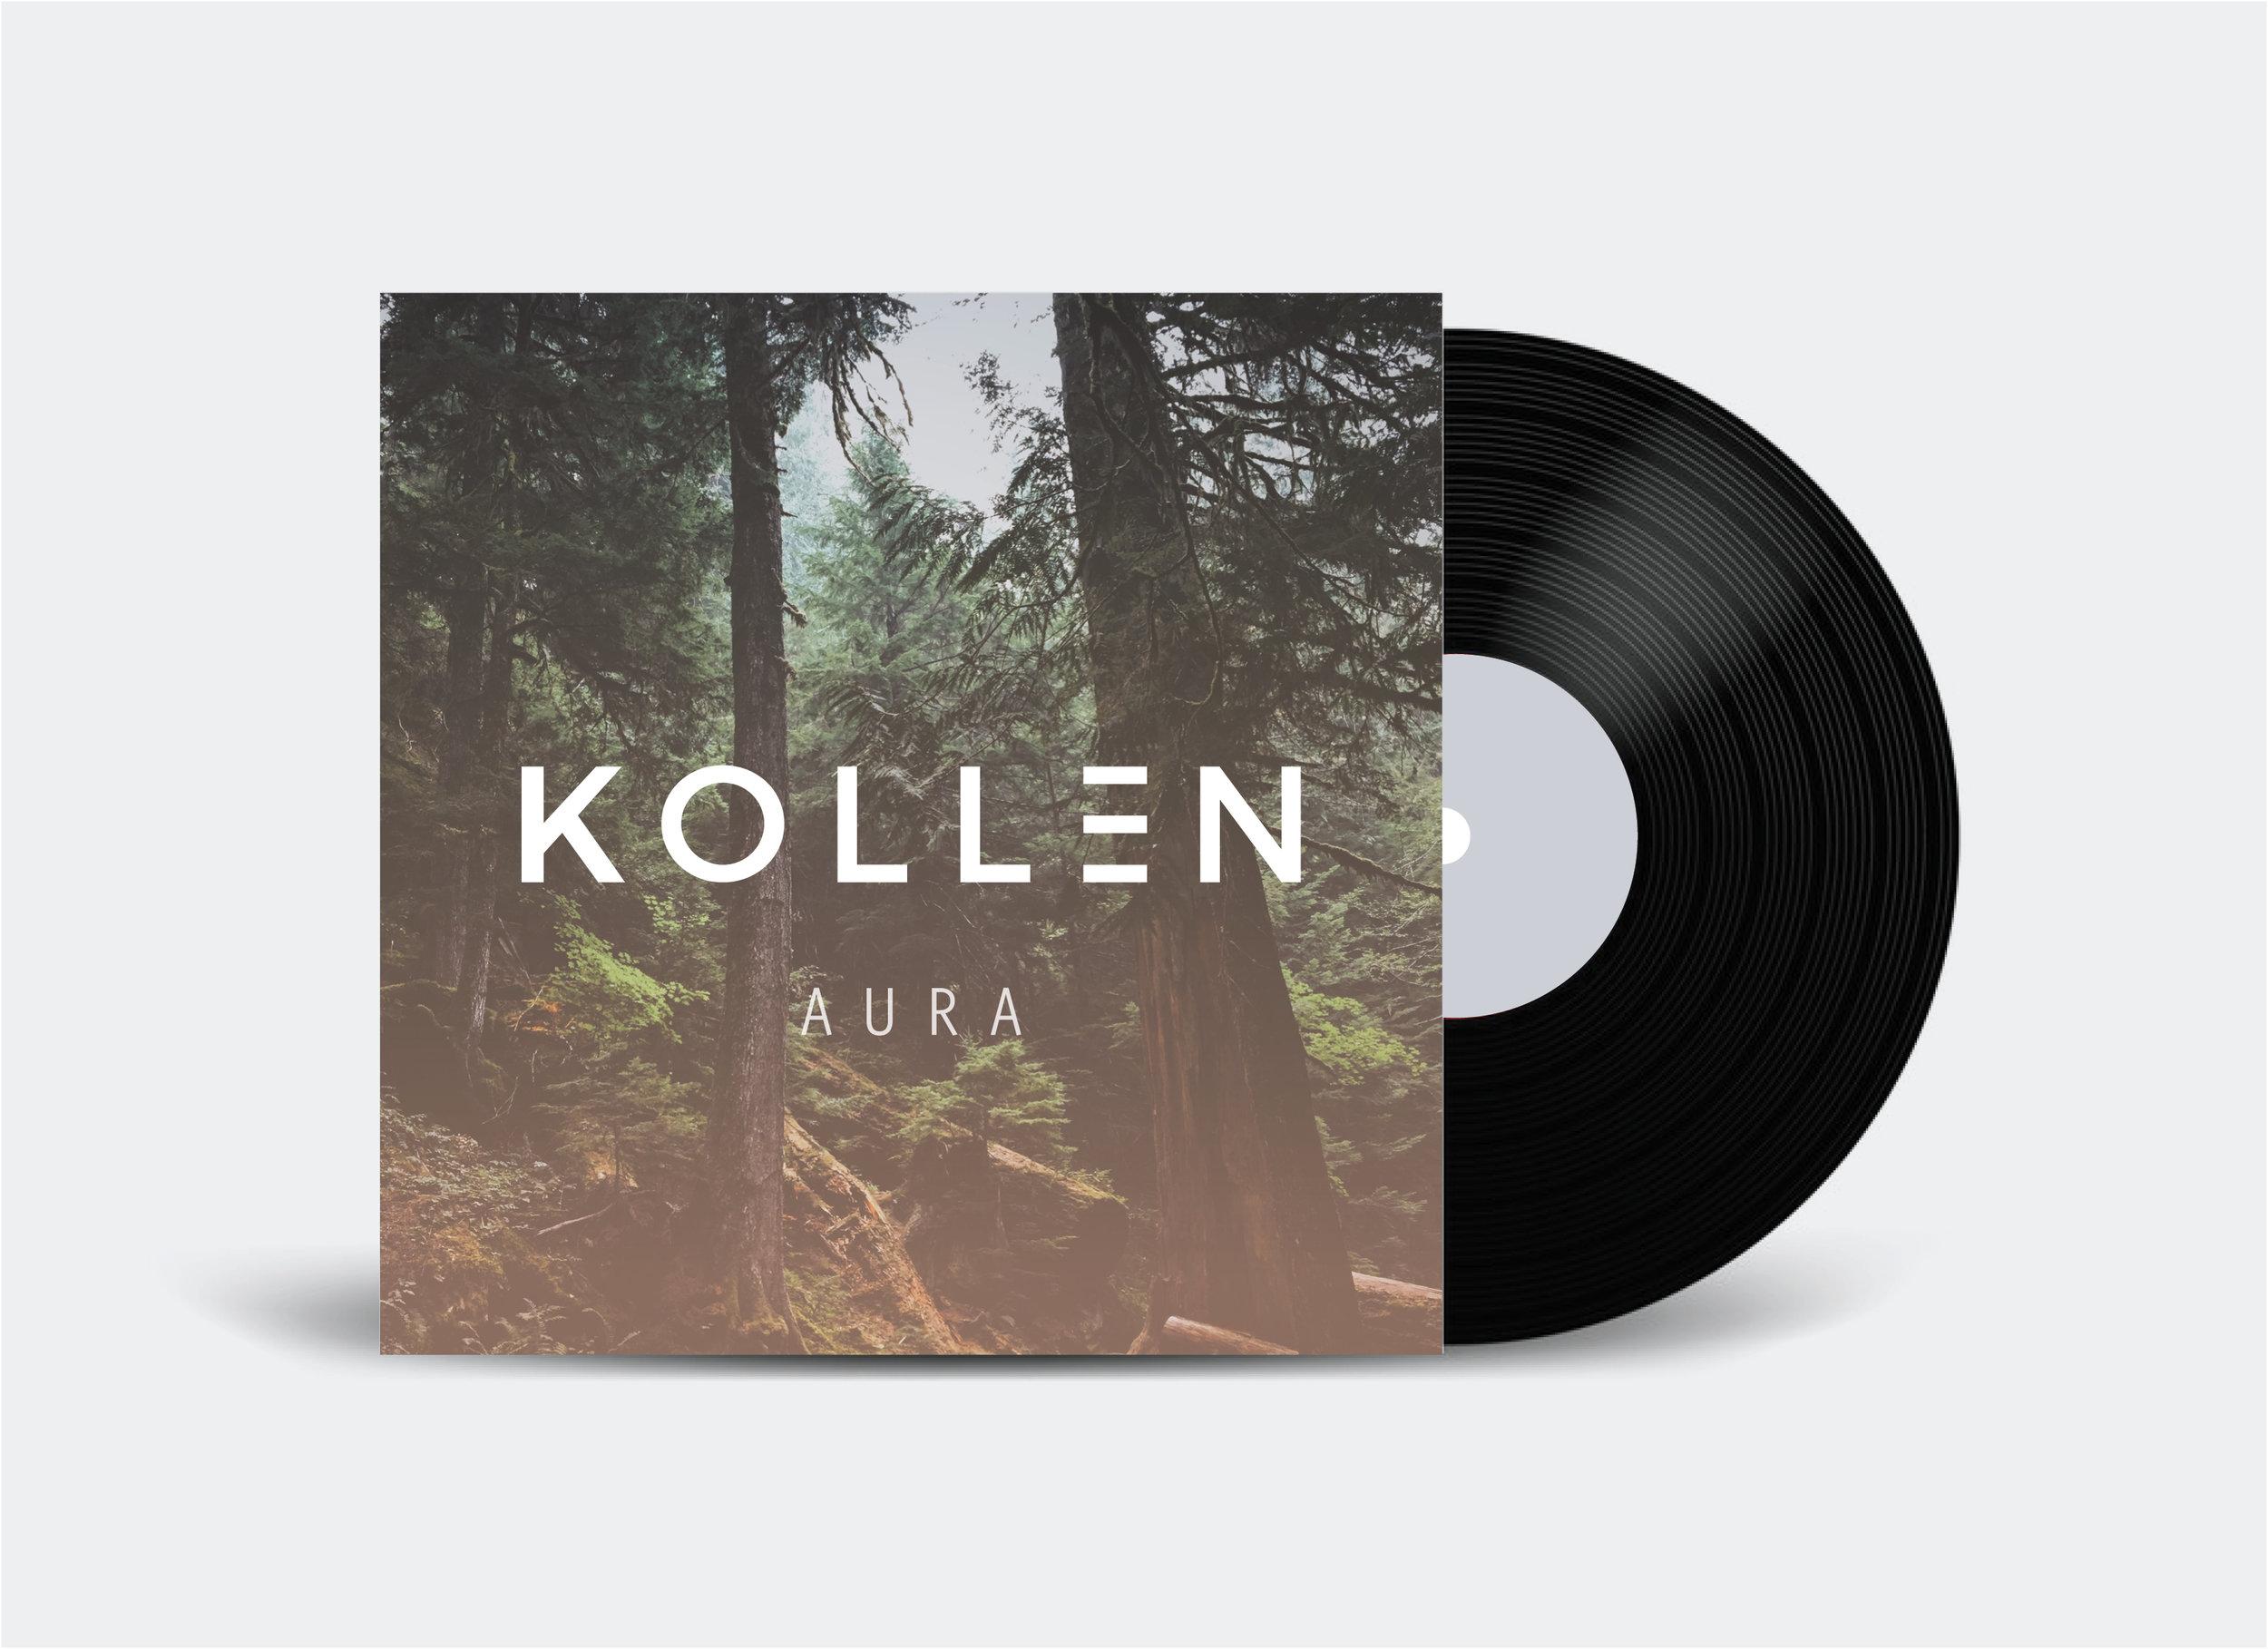 kollen-music-album-cover-branding-logo